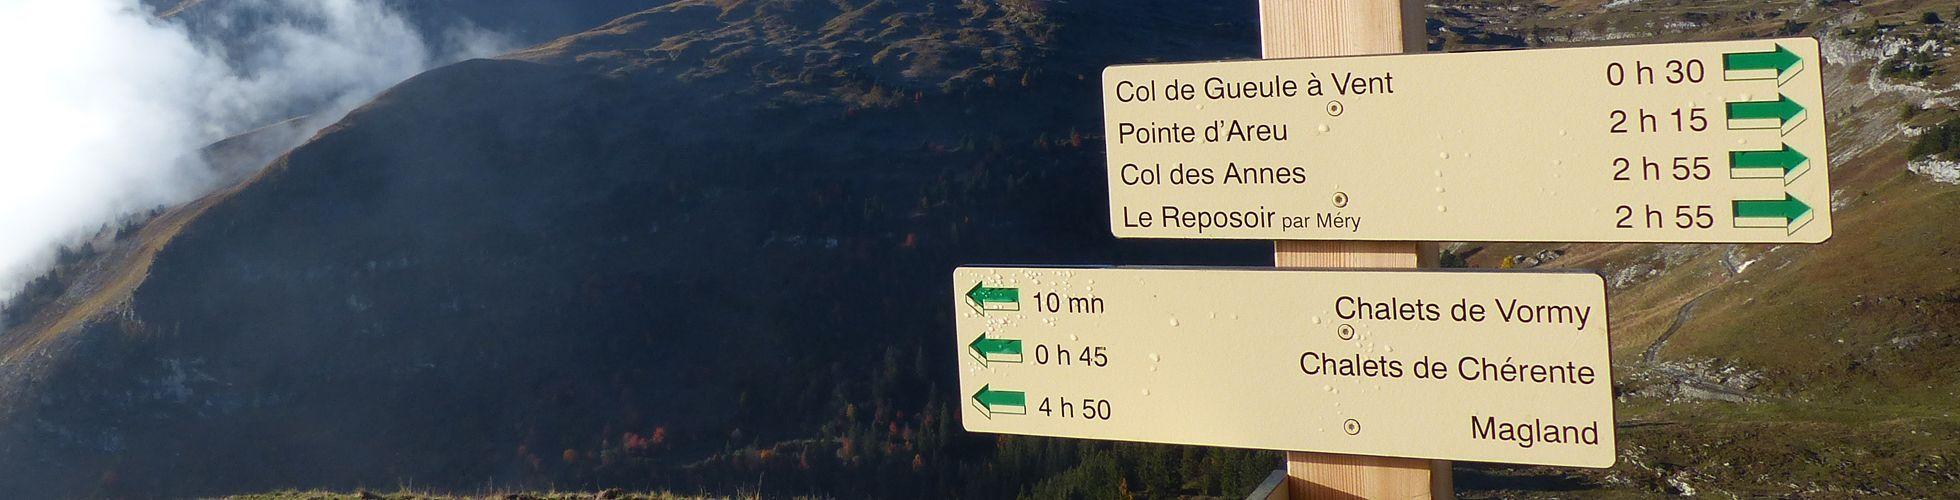 8. Panneau de randonnée